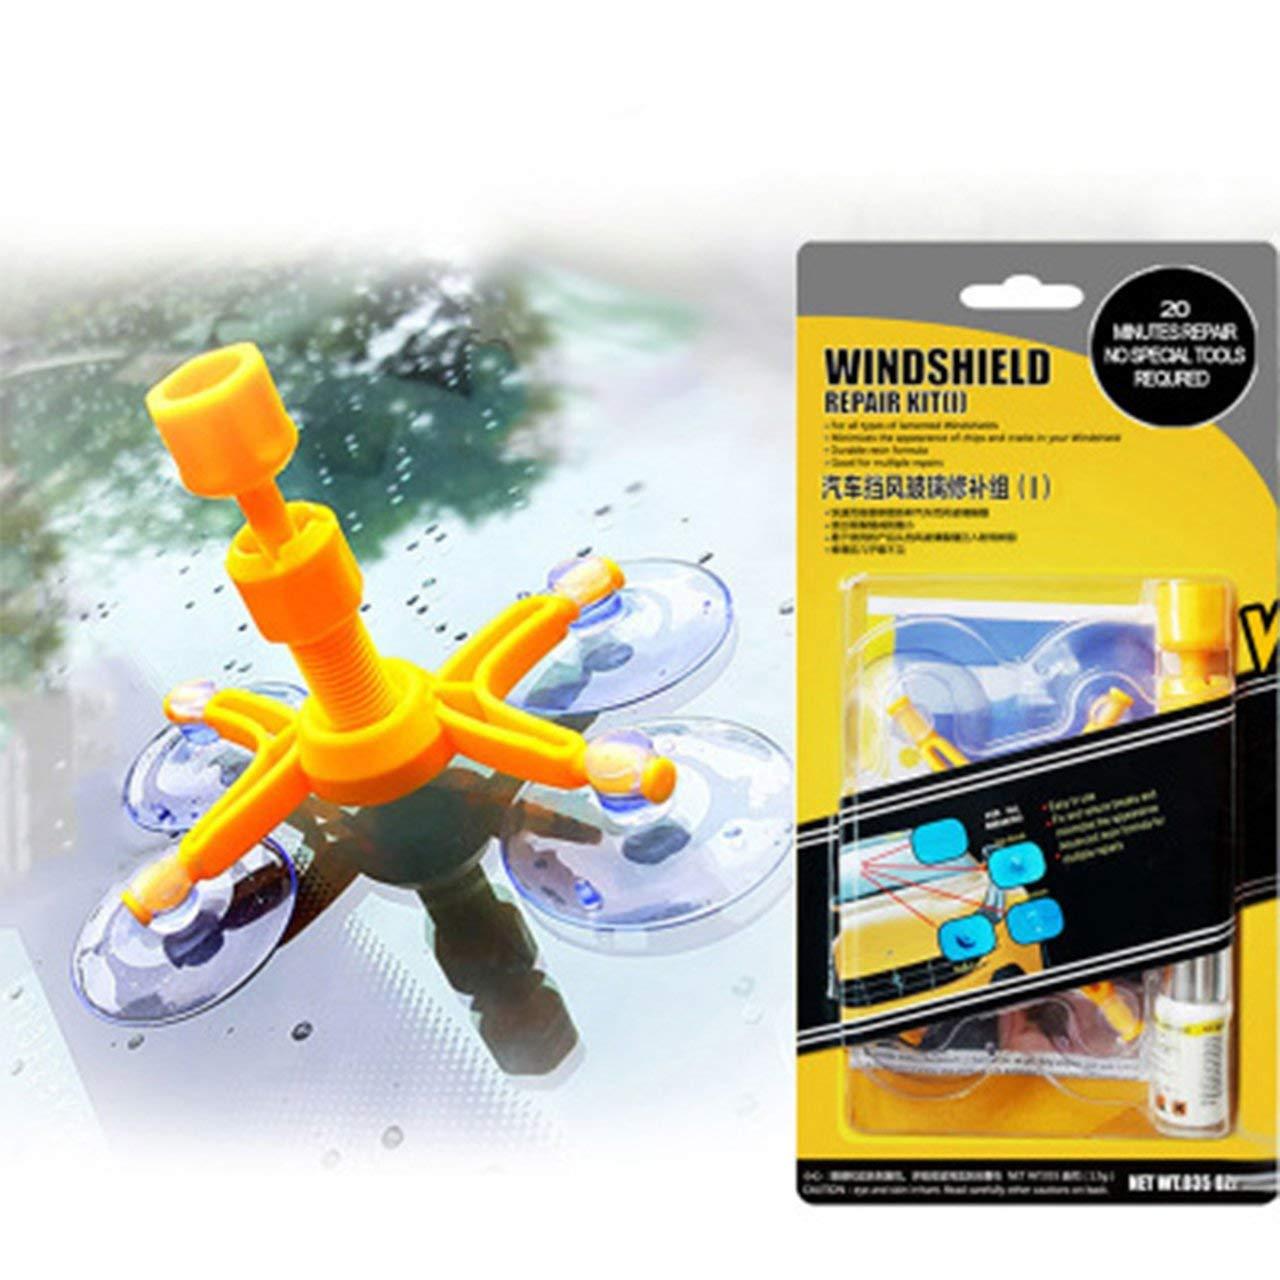 Jasnyfall Gelb Auto Windschutzscheibe Reparatursatz Windschutzscheibe Sprung Chip-Reparatur-Werkzeuge Quick Fix DIY Auto-Fenster-Glas-Kratzer-Reparatur-Kits